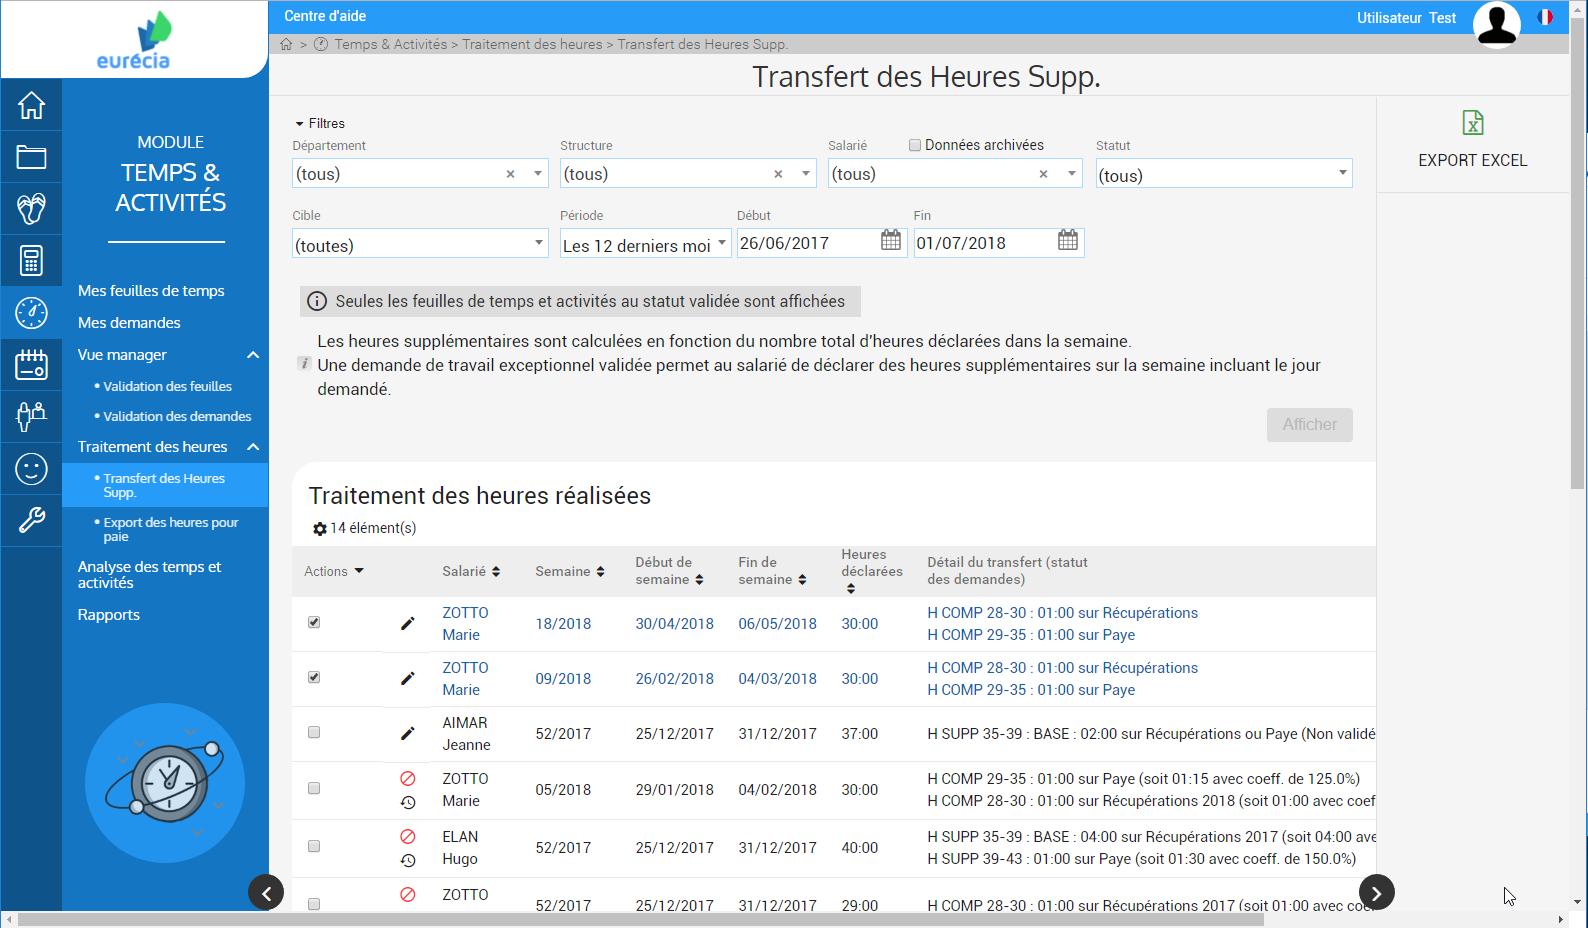 Module de gestion Temps & Activités : Transfert des heures supp